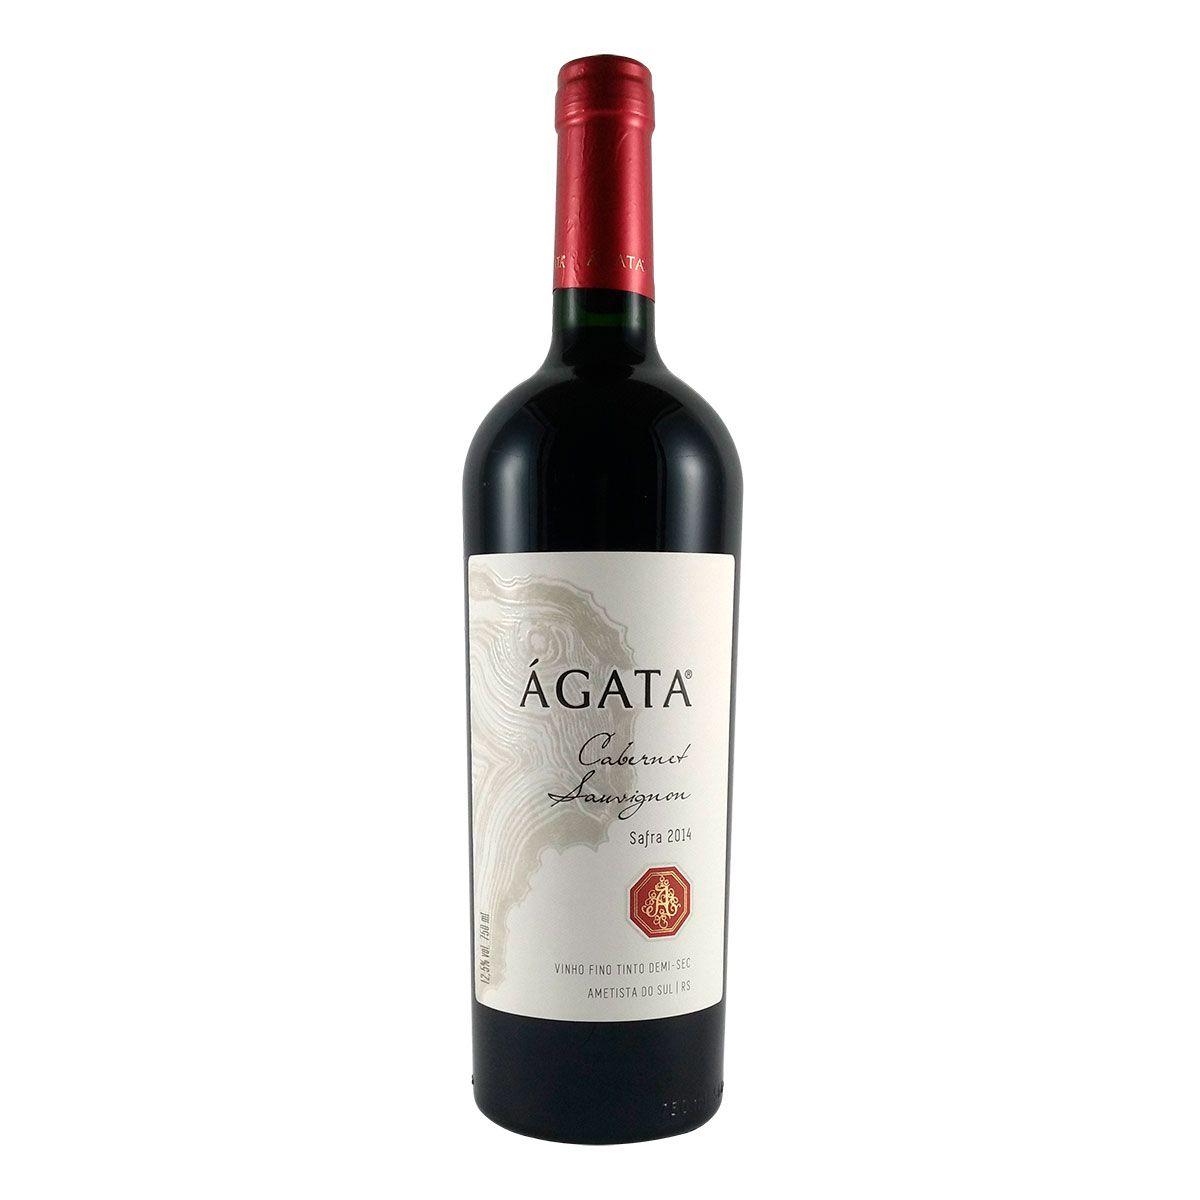 Vinho Fino Tinto Demi-Sec Ágata Cabernet Sauvignon 2014 750ml